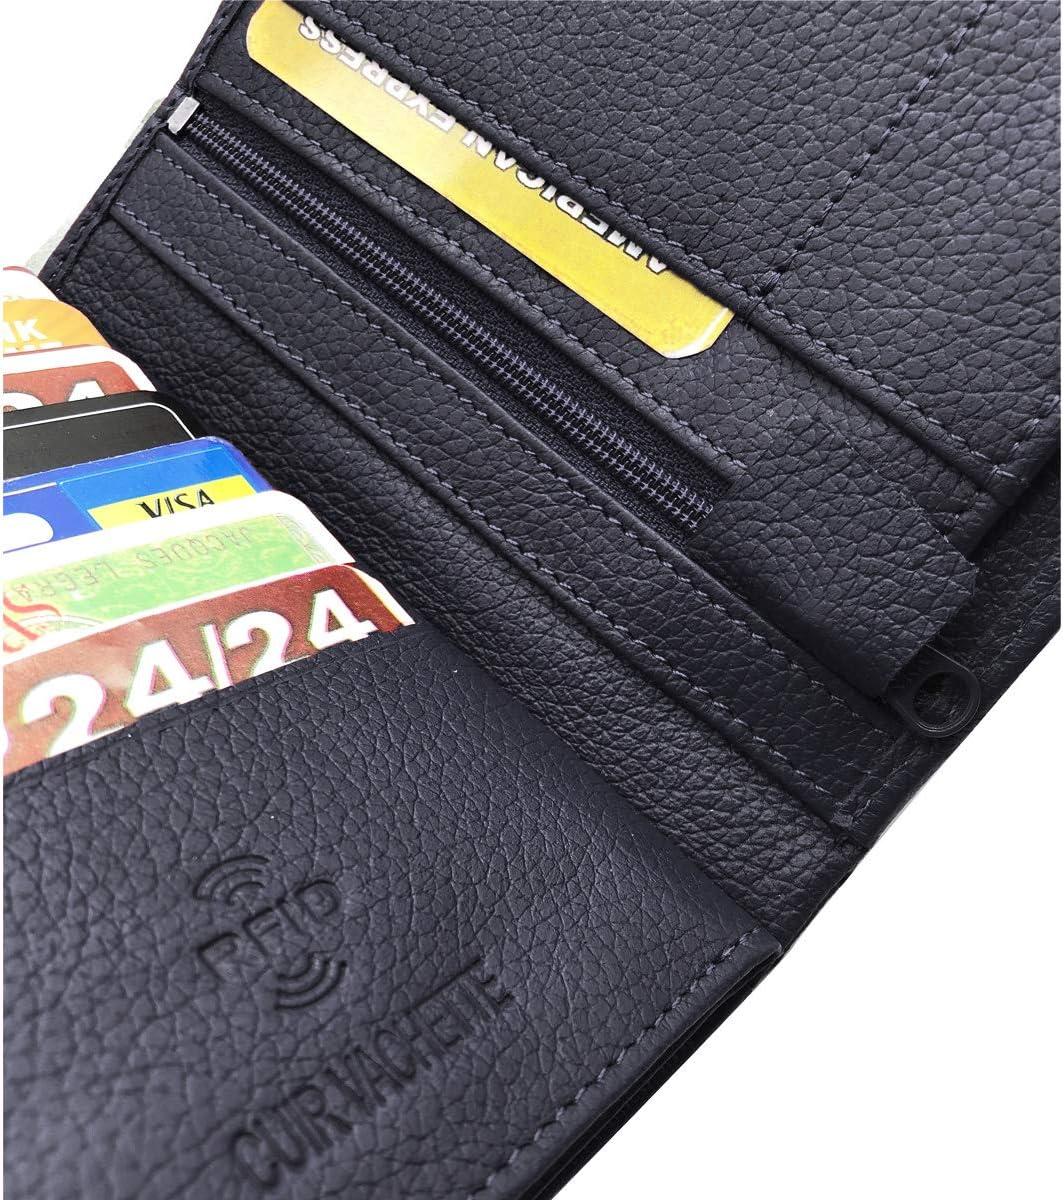 Rangement compl/èt Max Bleu Cuir Vachette 22 Carte Bleu Charmoni 4 Volets Portefeuille Homme Grand Portefeuille Anti piratage Protection RFID Blocage